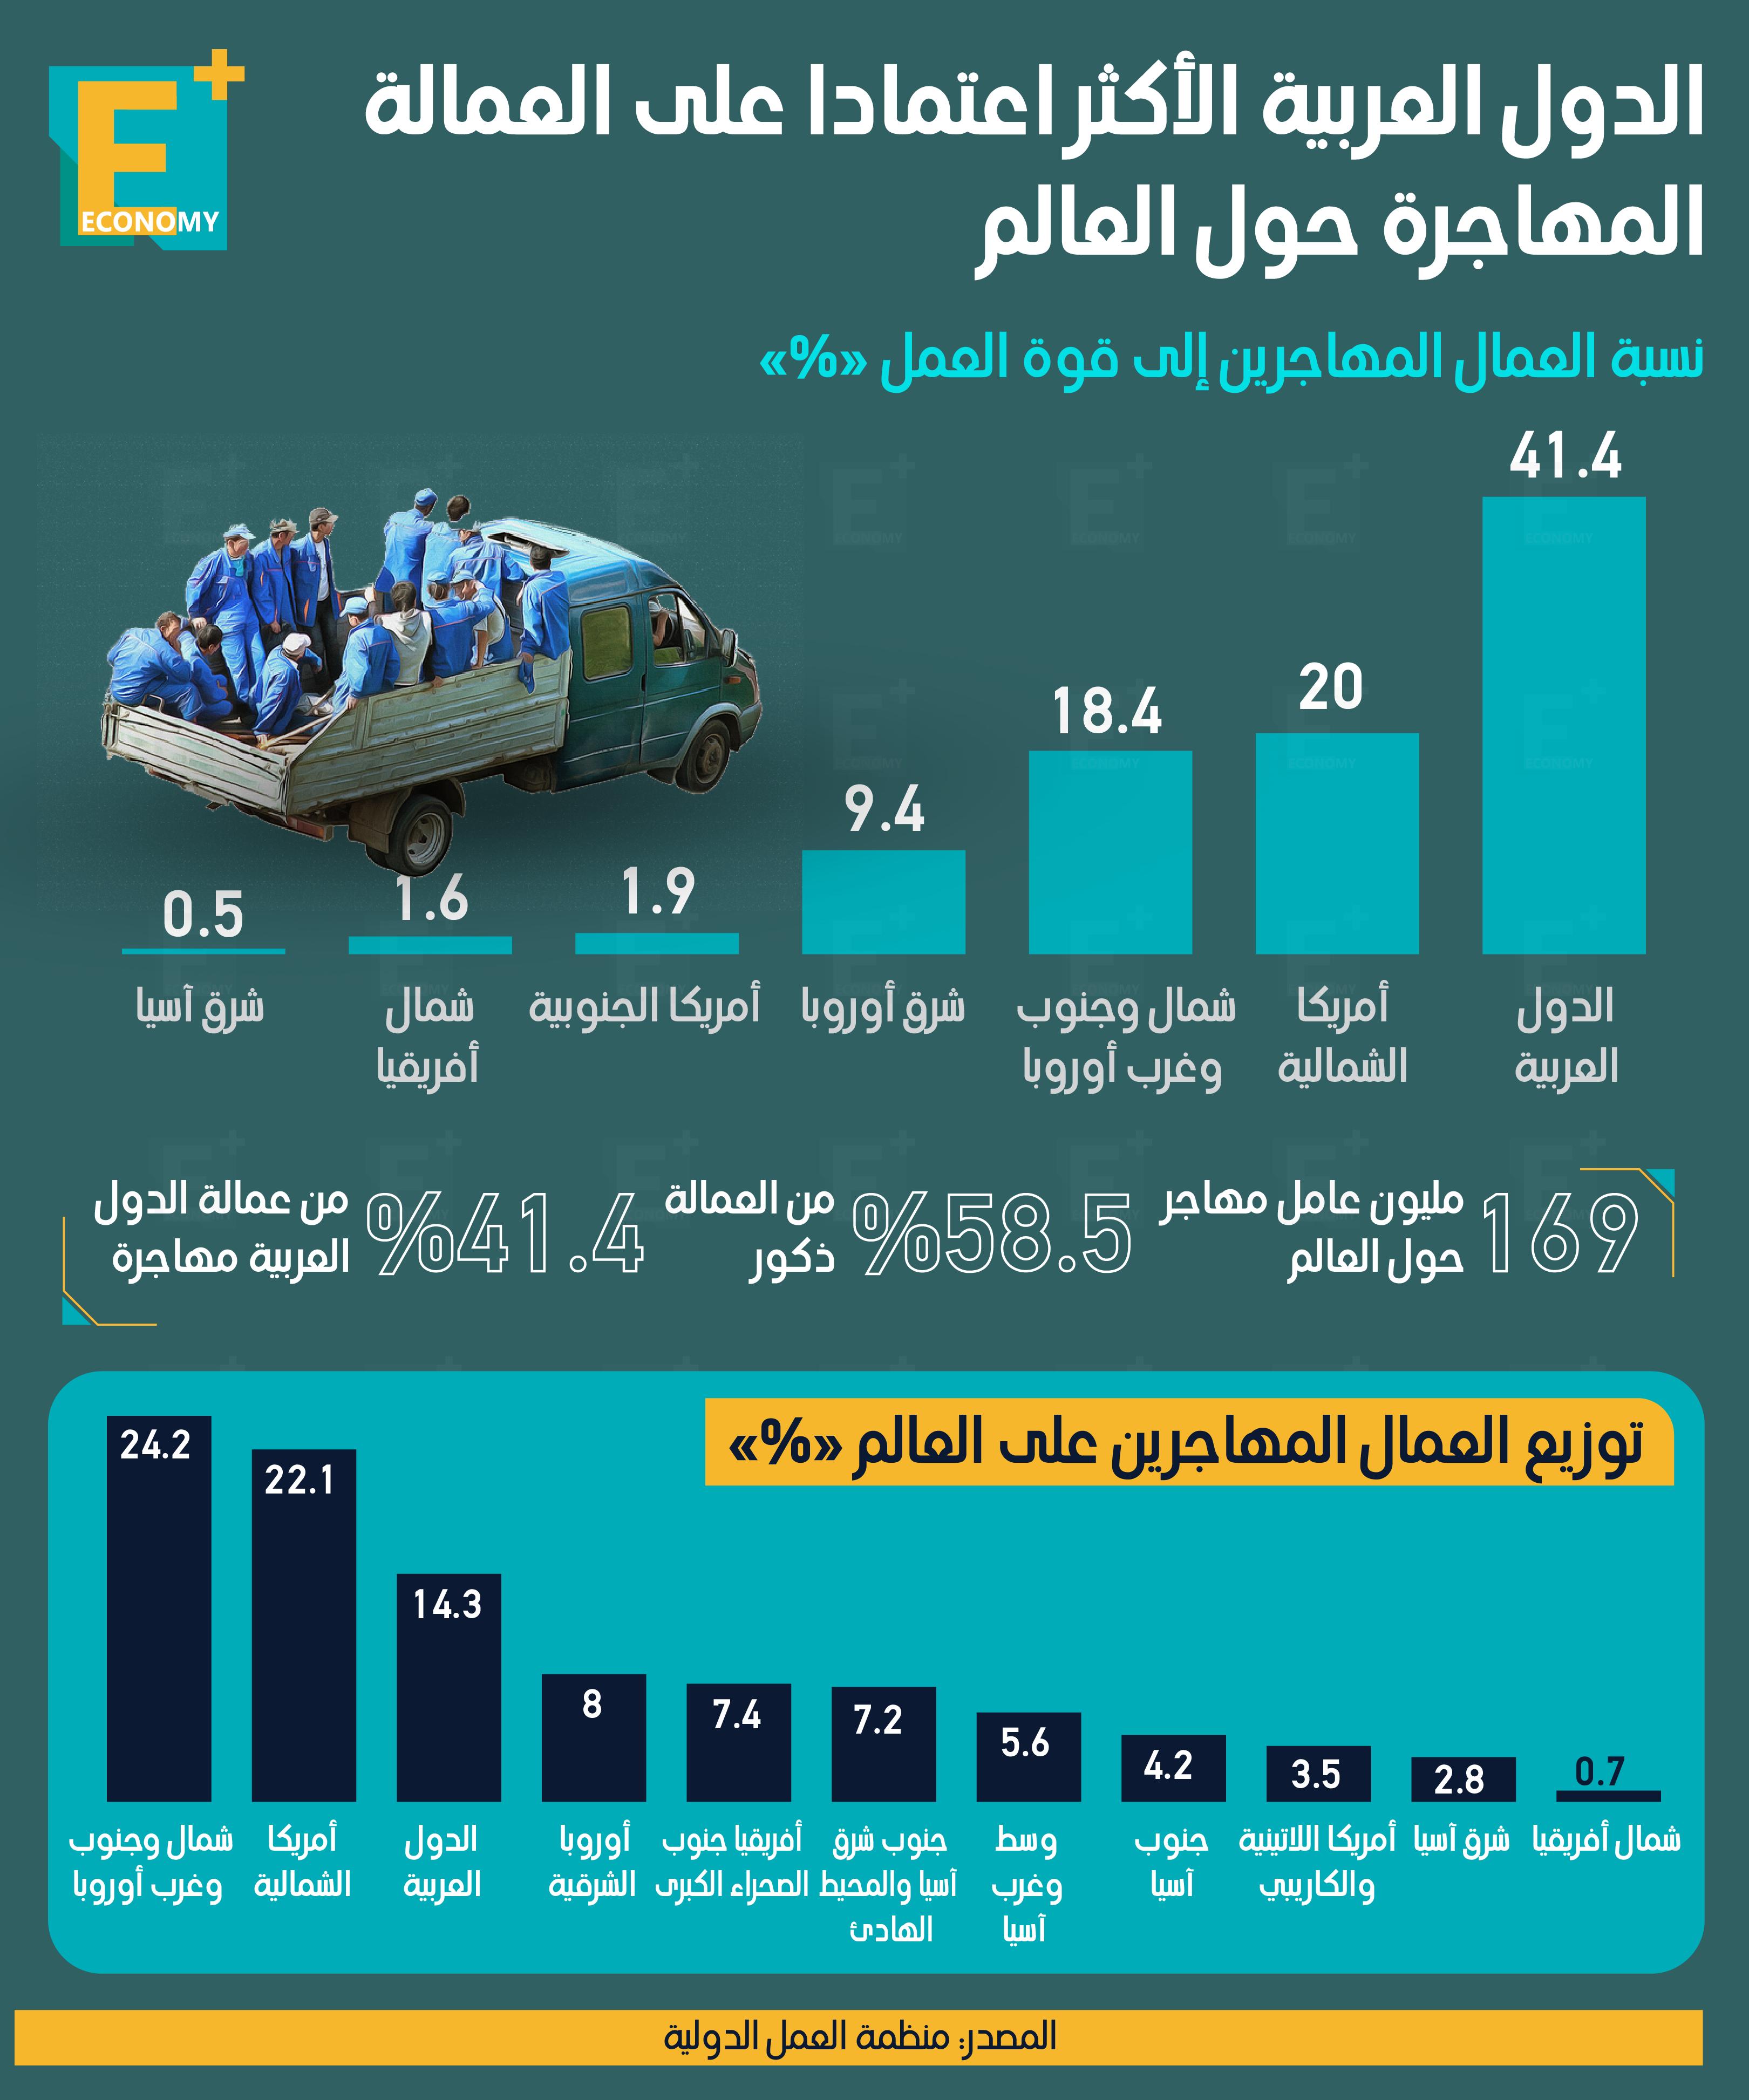 الدول العربية الأكثر اعتمادًا على العمالة المهاجرة حول العالم